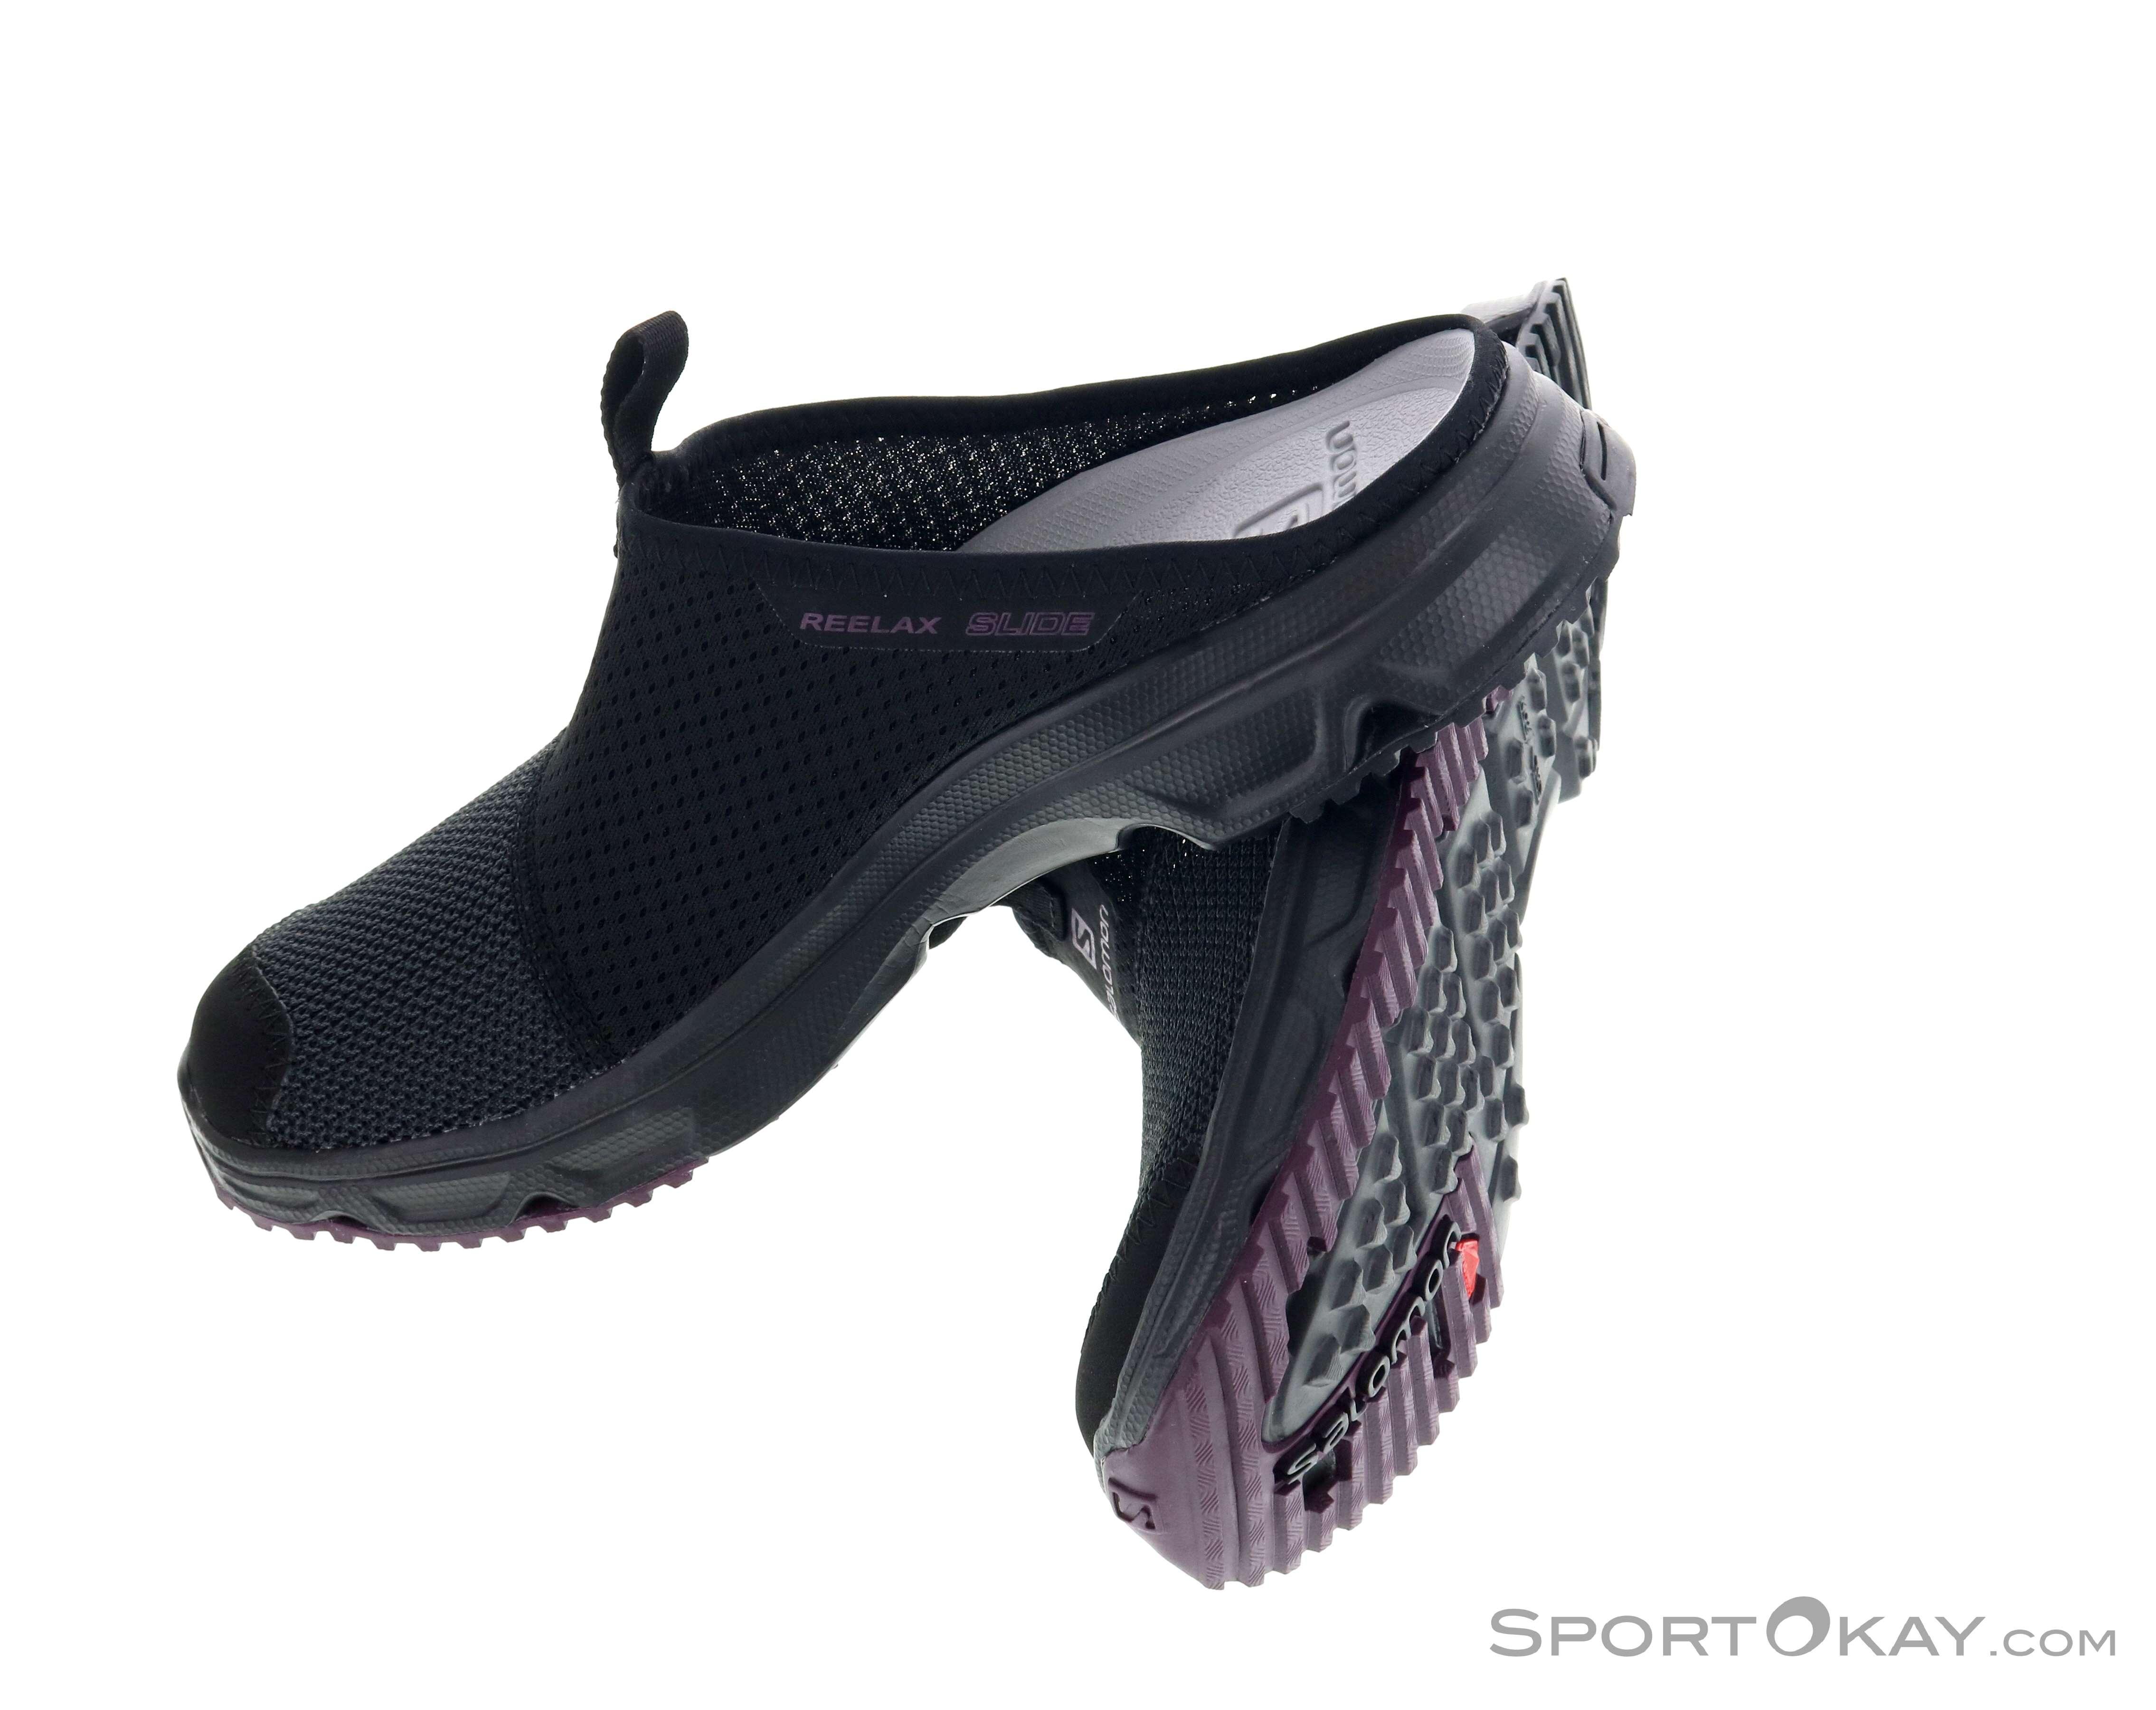 Salomon RX Slide 4.0 Womens Leisure Sandals Leisure Shoes